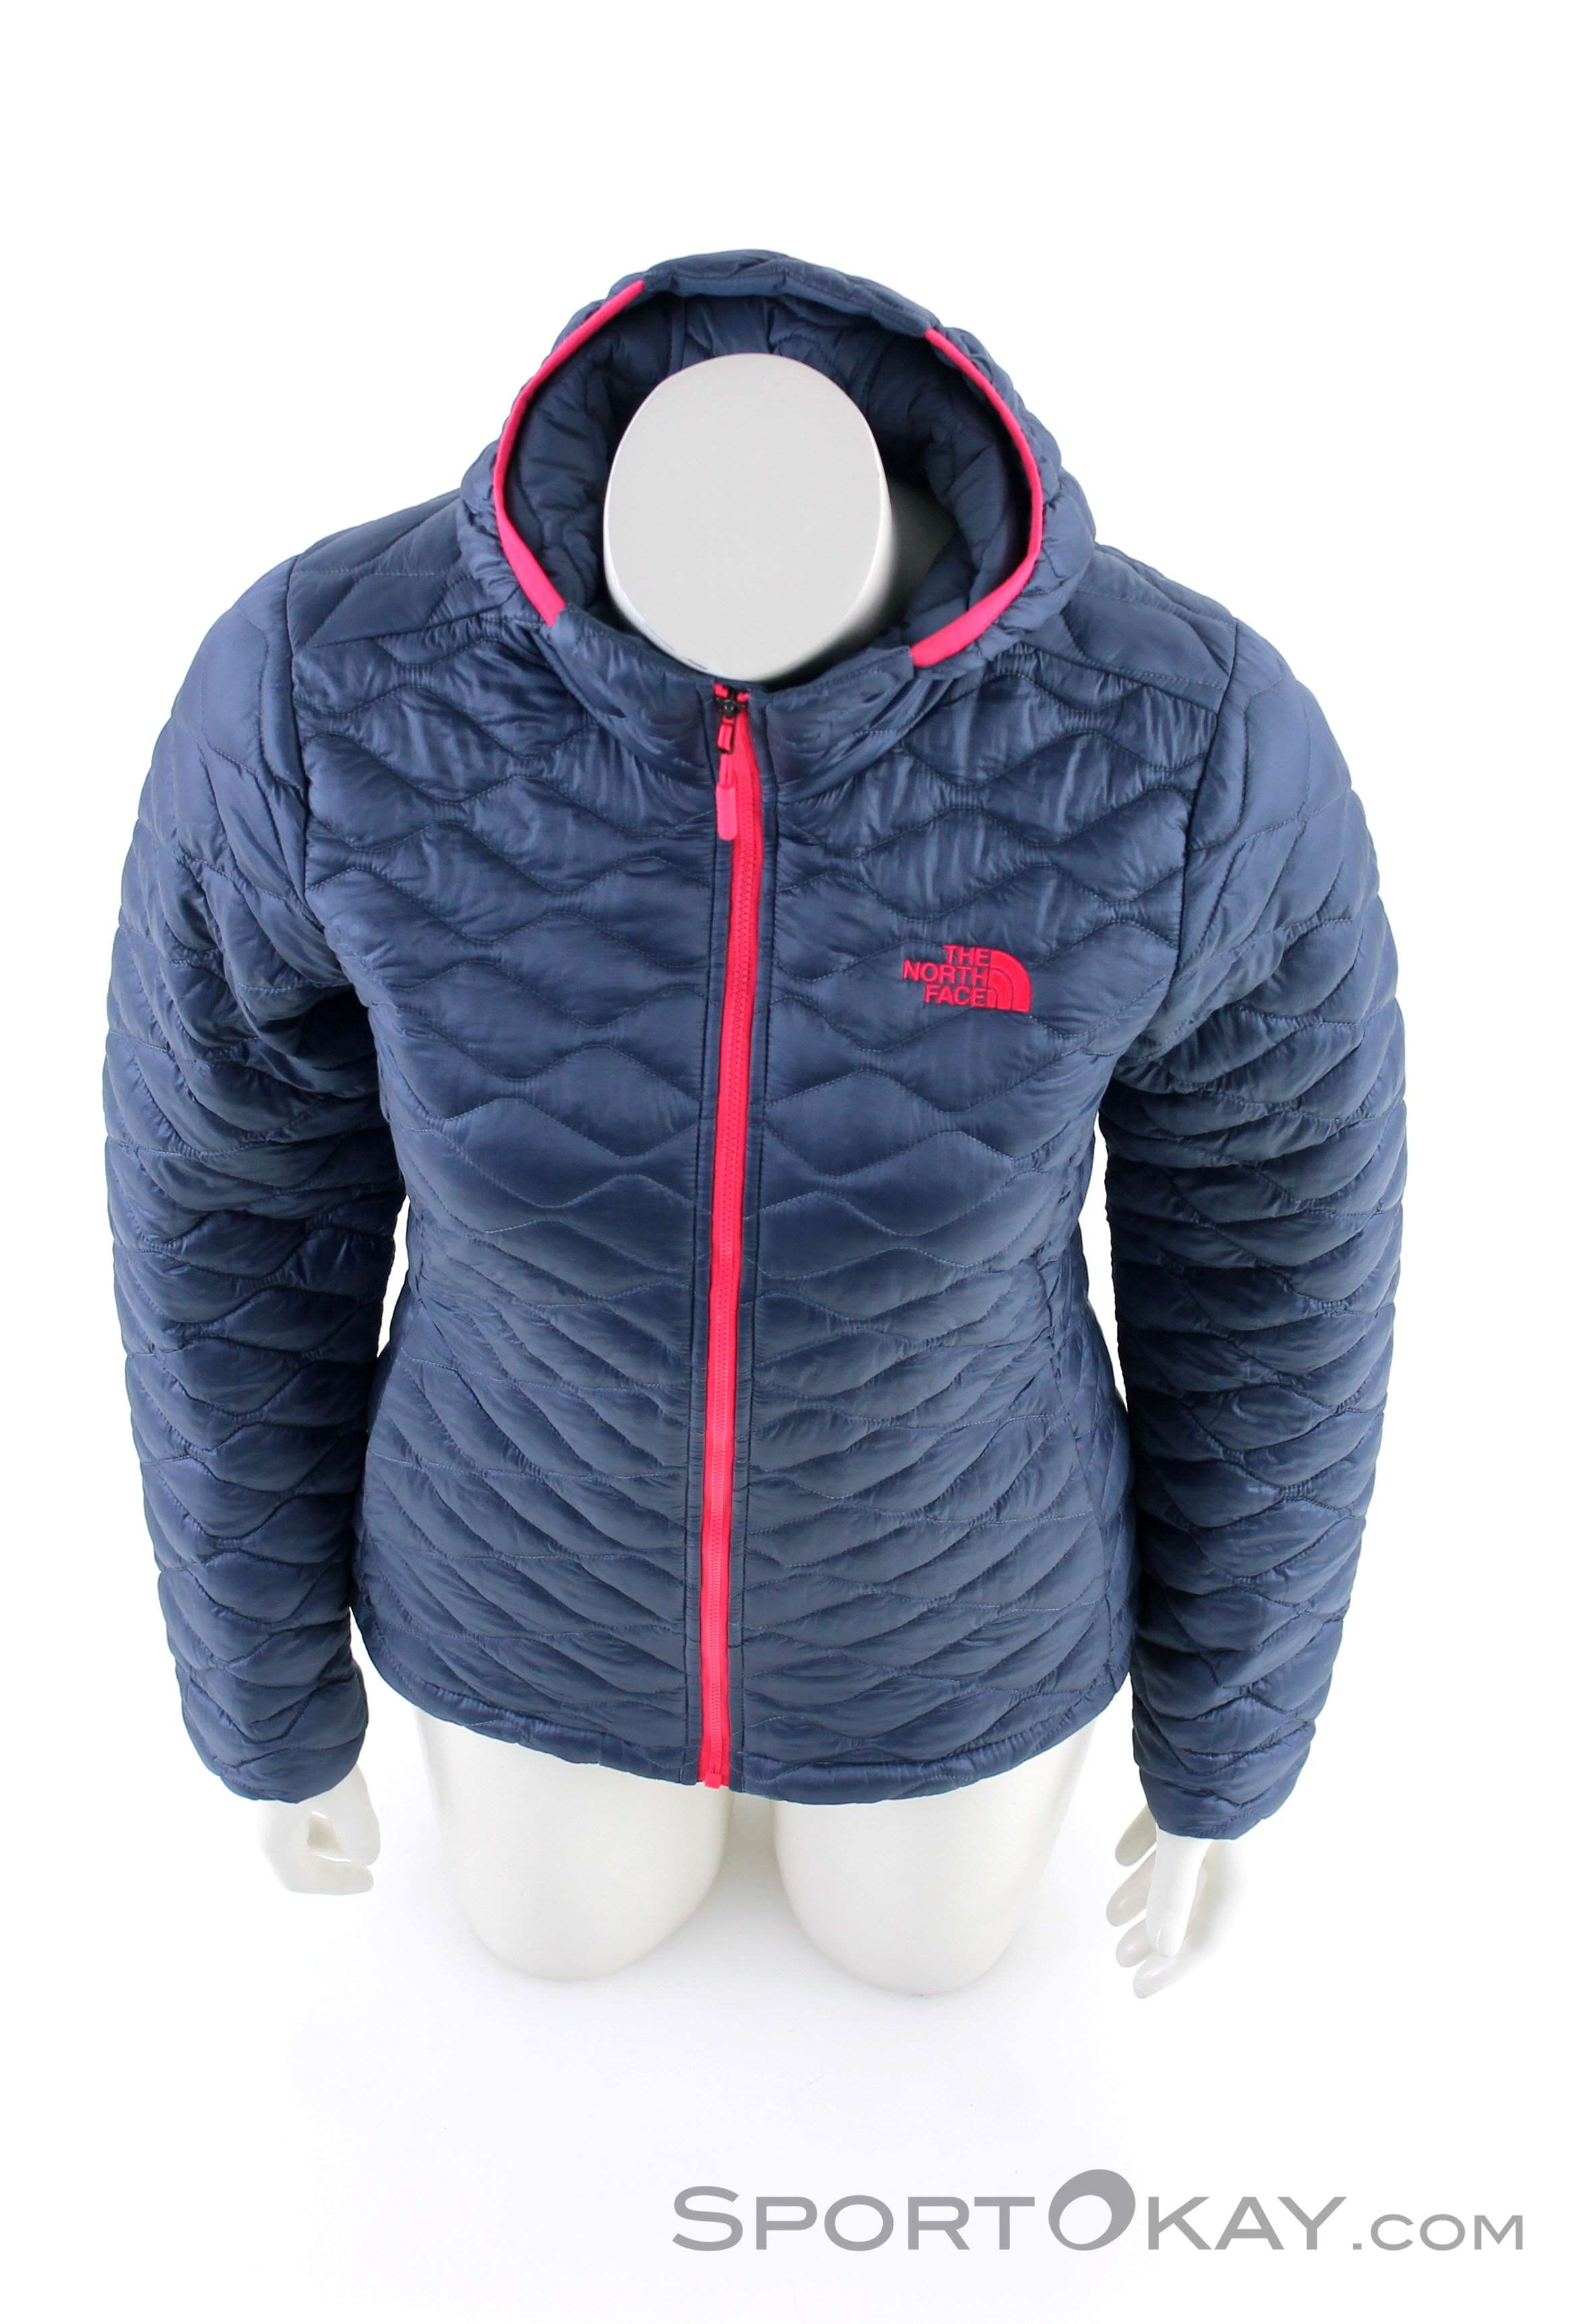 Donna Abbigliamento North Face Giacca Outdoor The Giacche Tball wZtq0